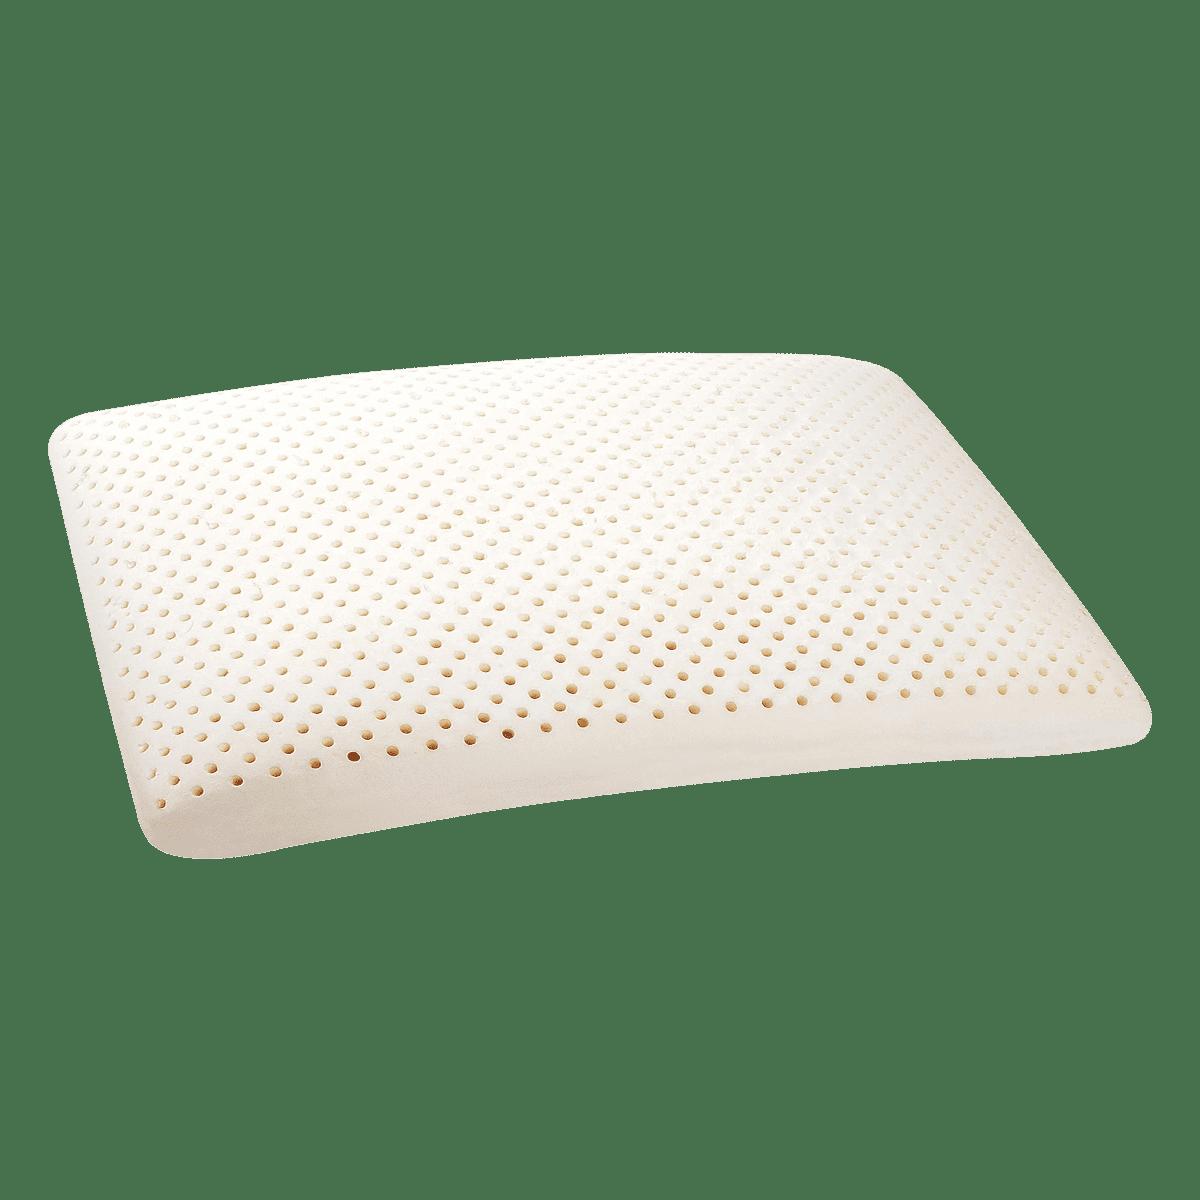 Travesseiro Duoflex Natural Látex Alto 50x70x16